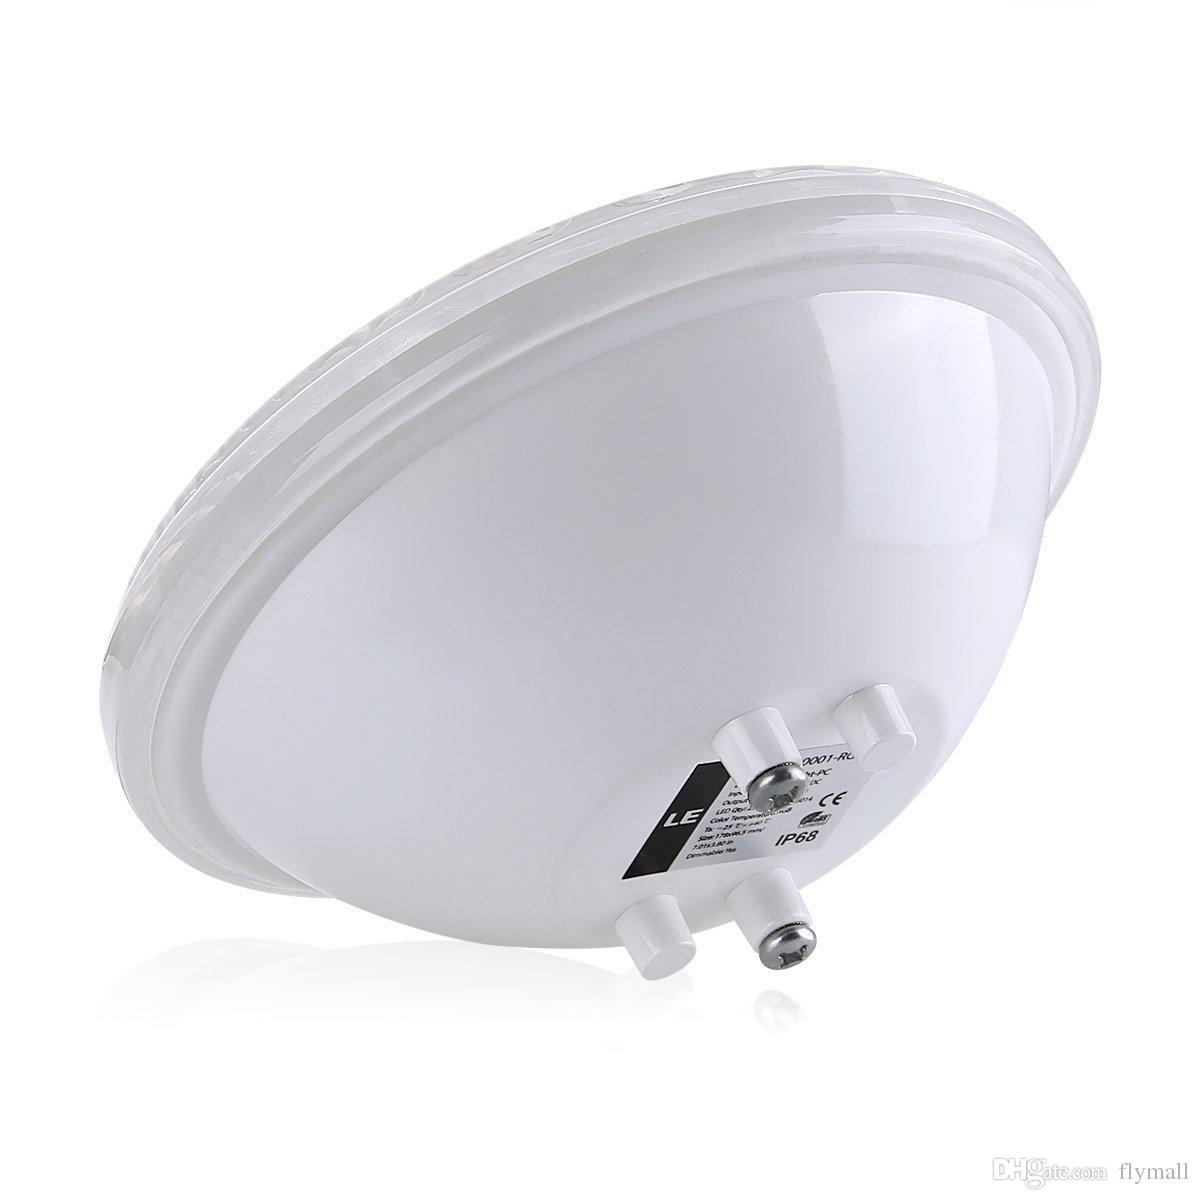 AC 12V 54W 40W 35W 24W 18W RGB LED Schwimmbad Licht Unterwasser Lichter Wasserdicht IP68 Piscina Outdoor Brunnen Lampe Fernbedienung